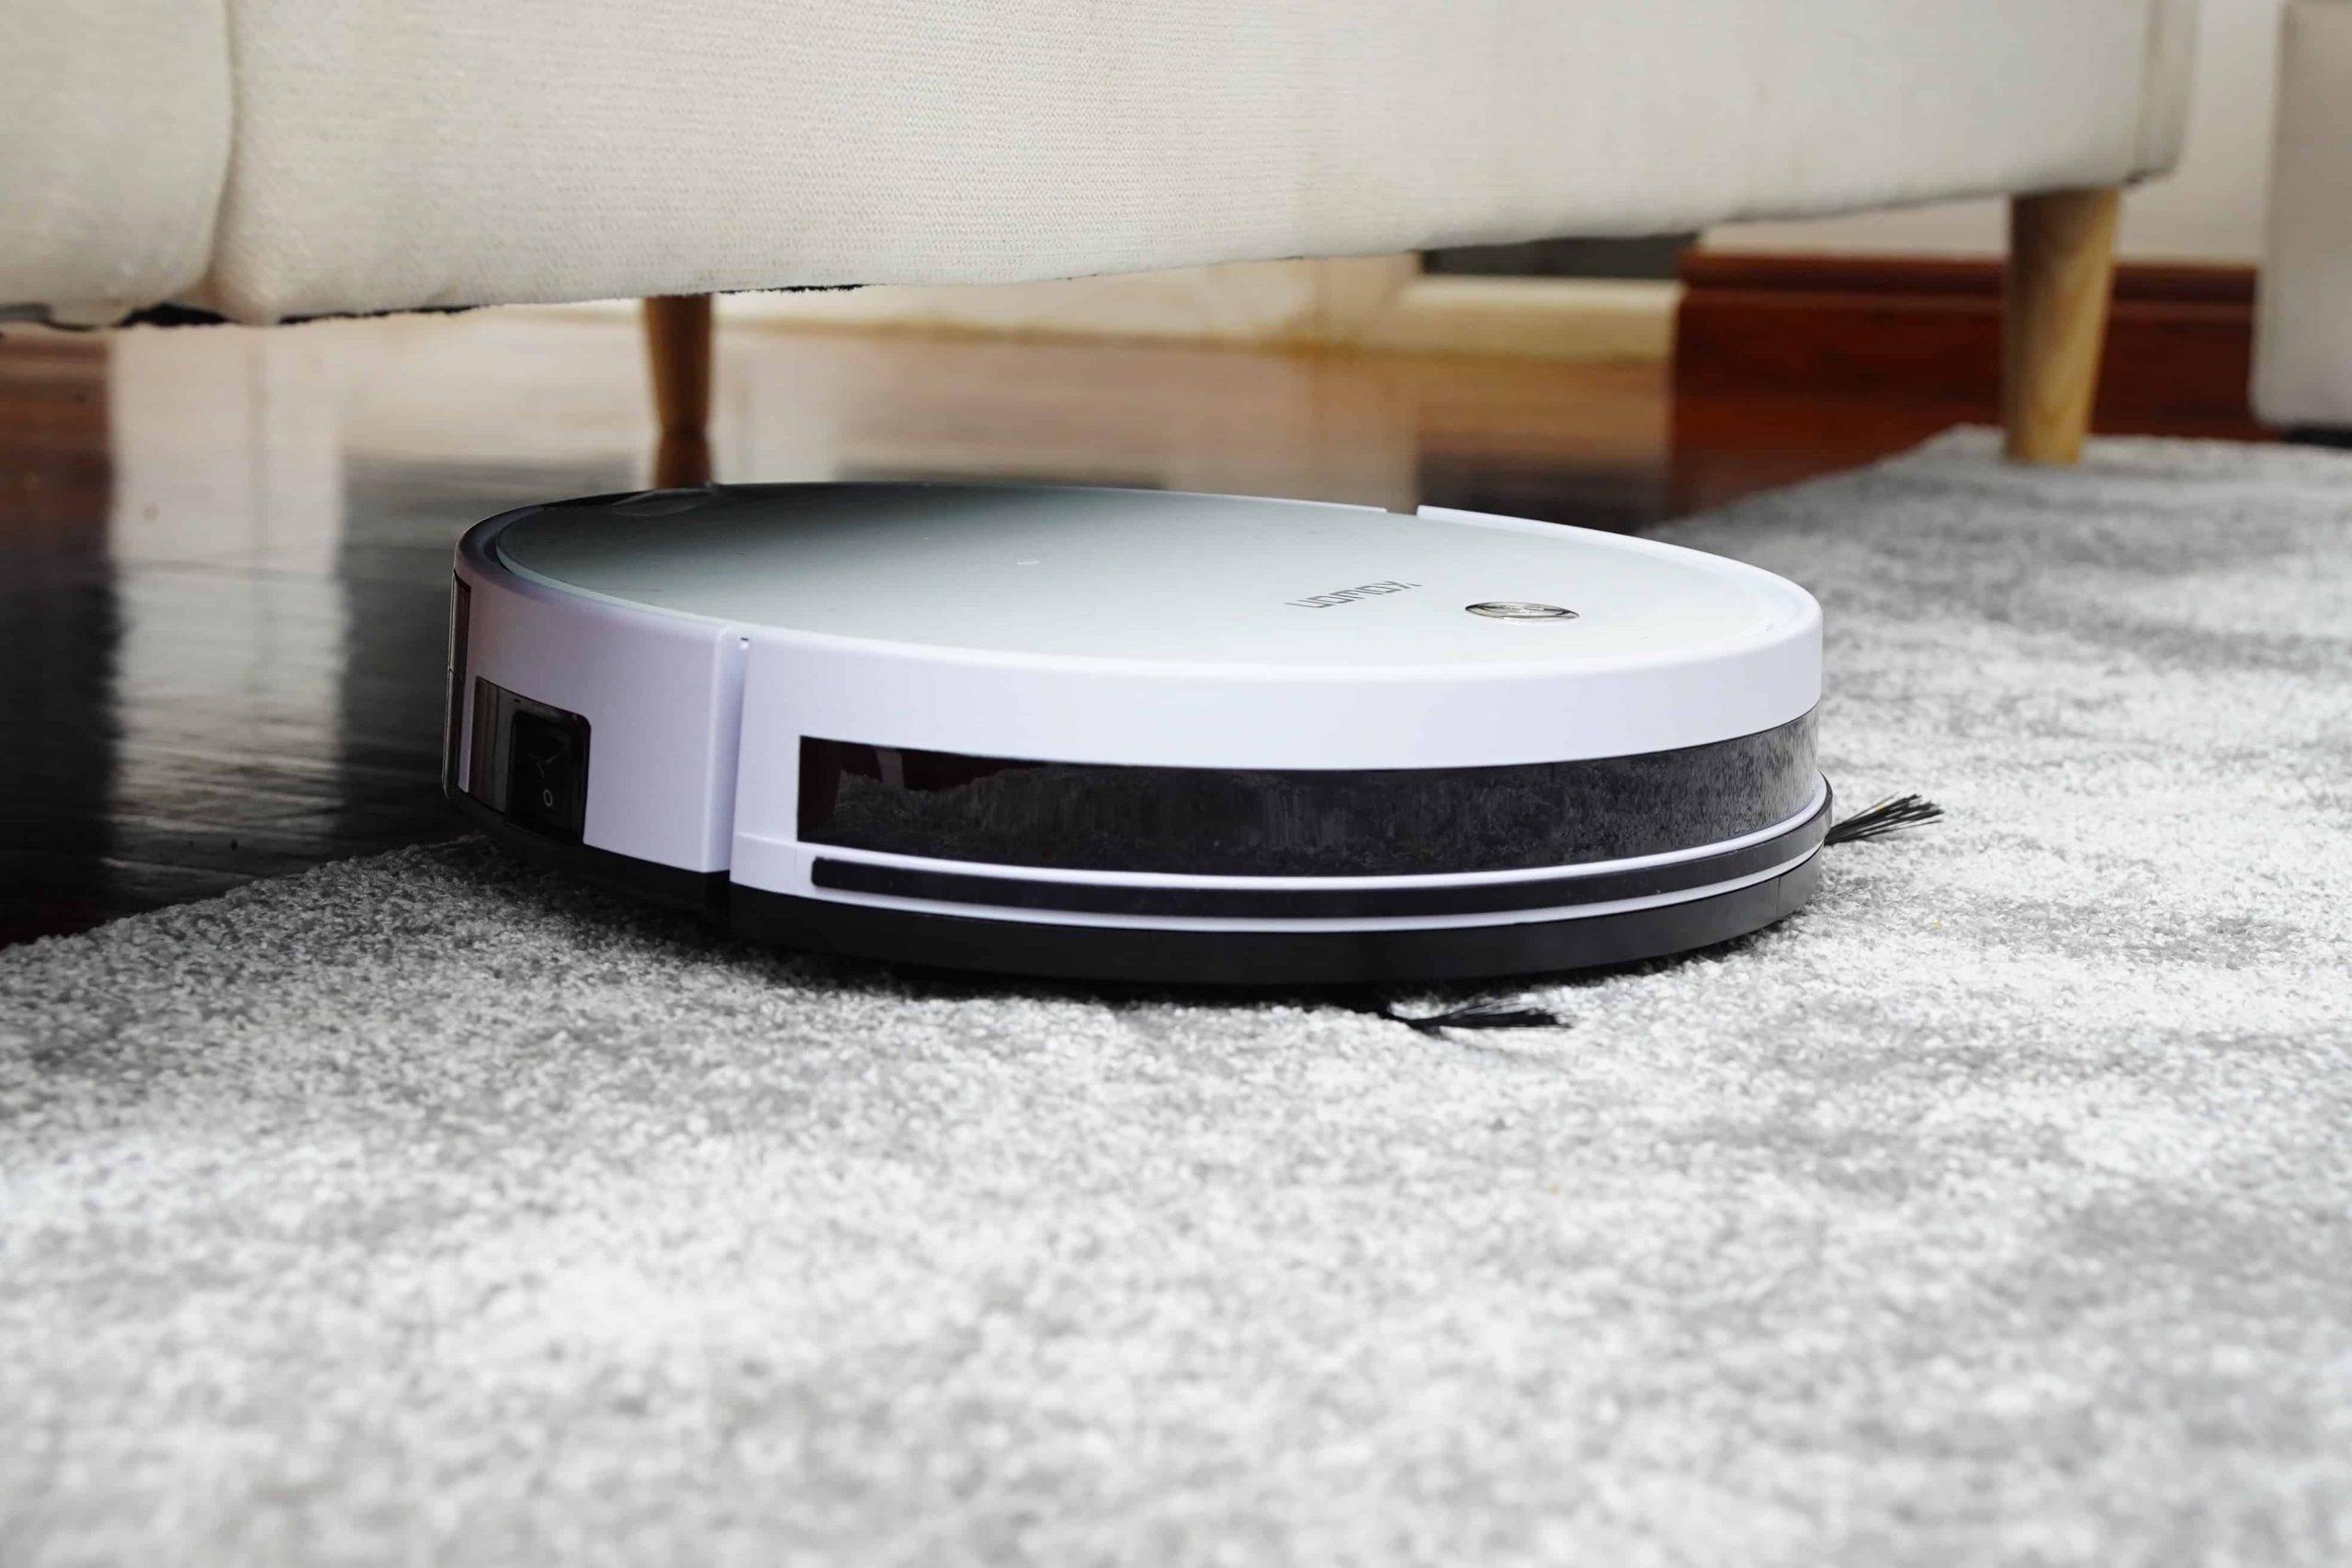 Staubsauger Roboter: Test & Empfehlungen (01/21)